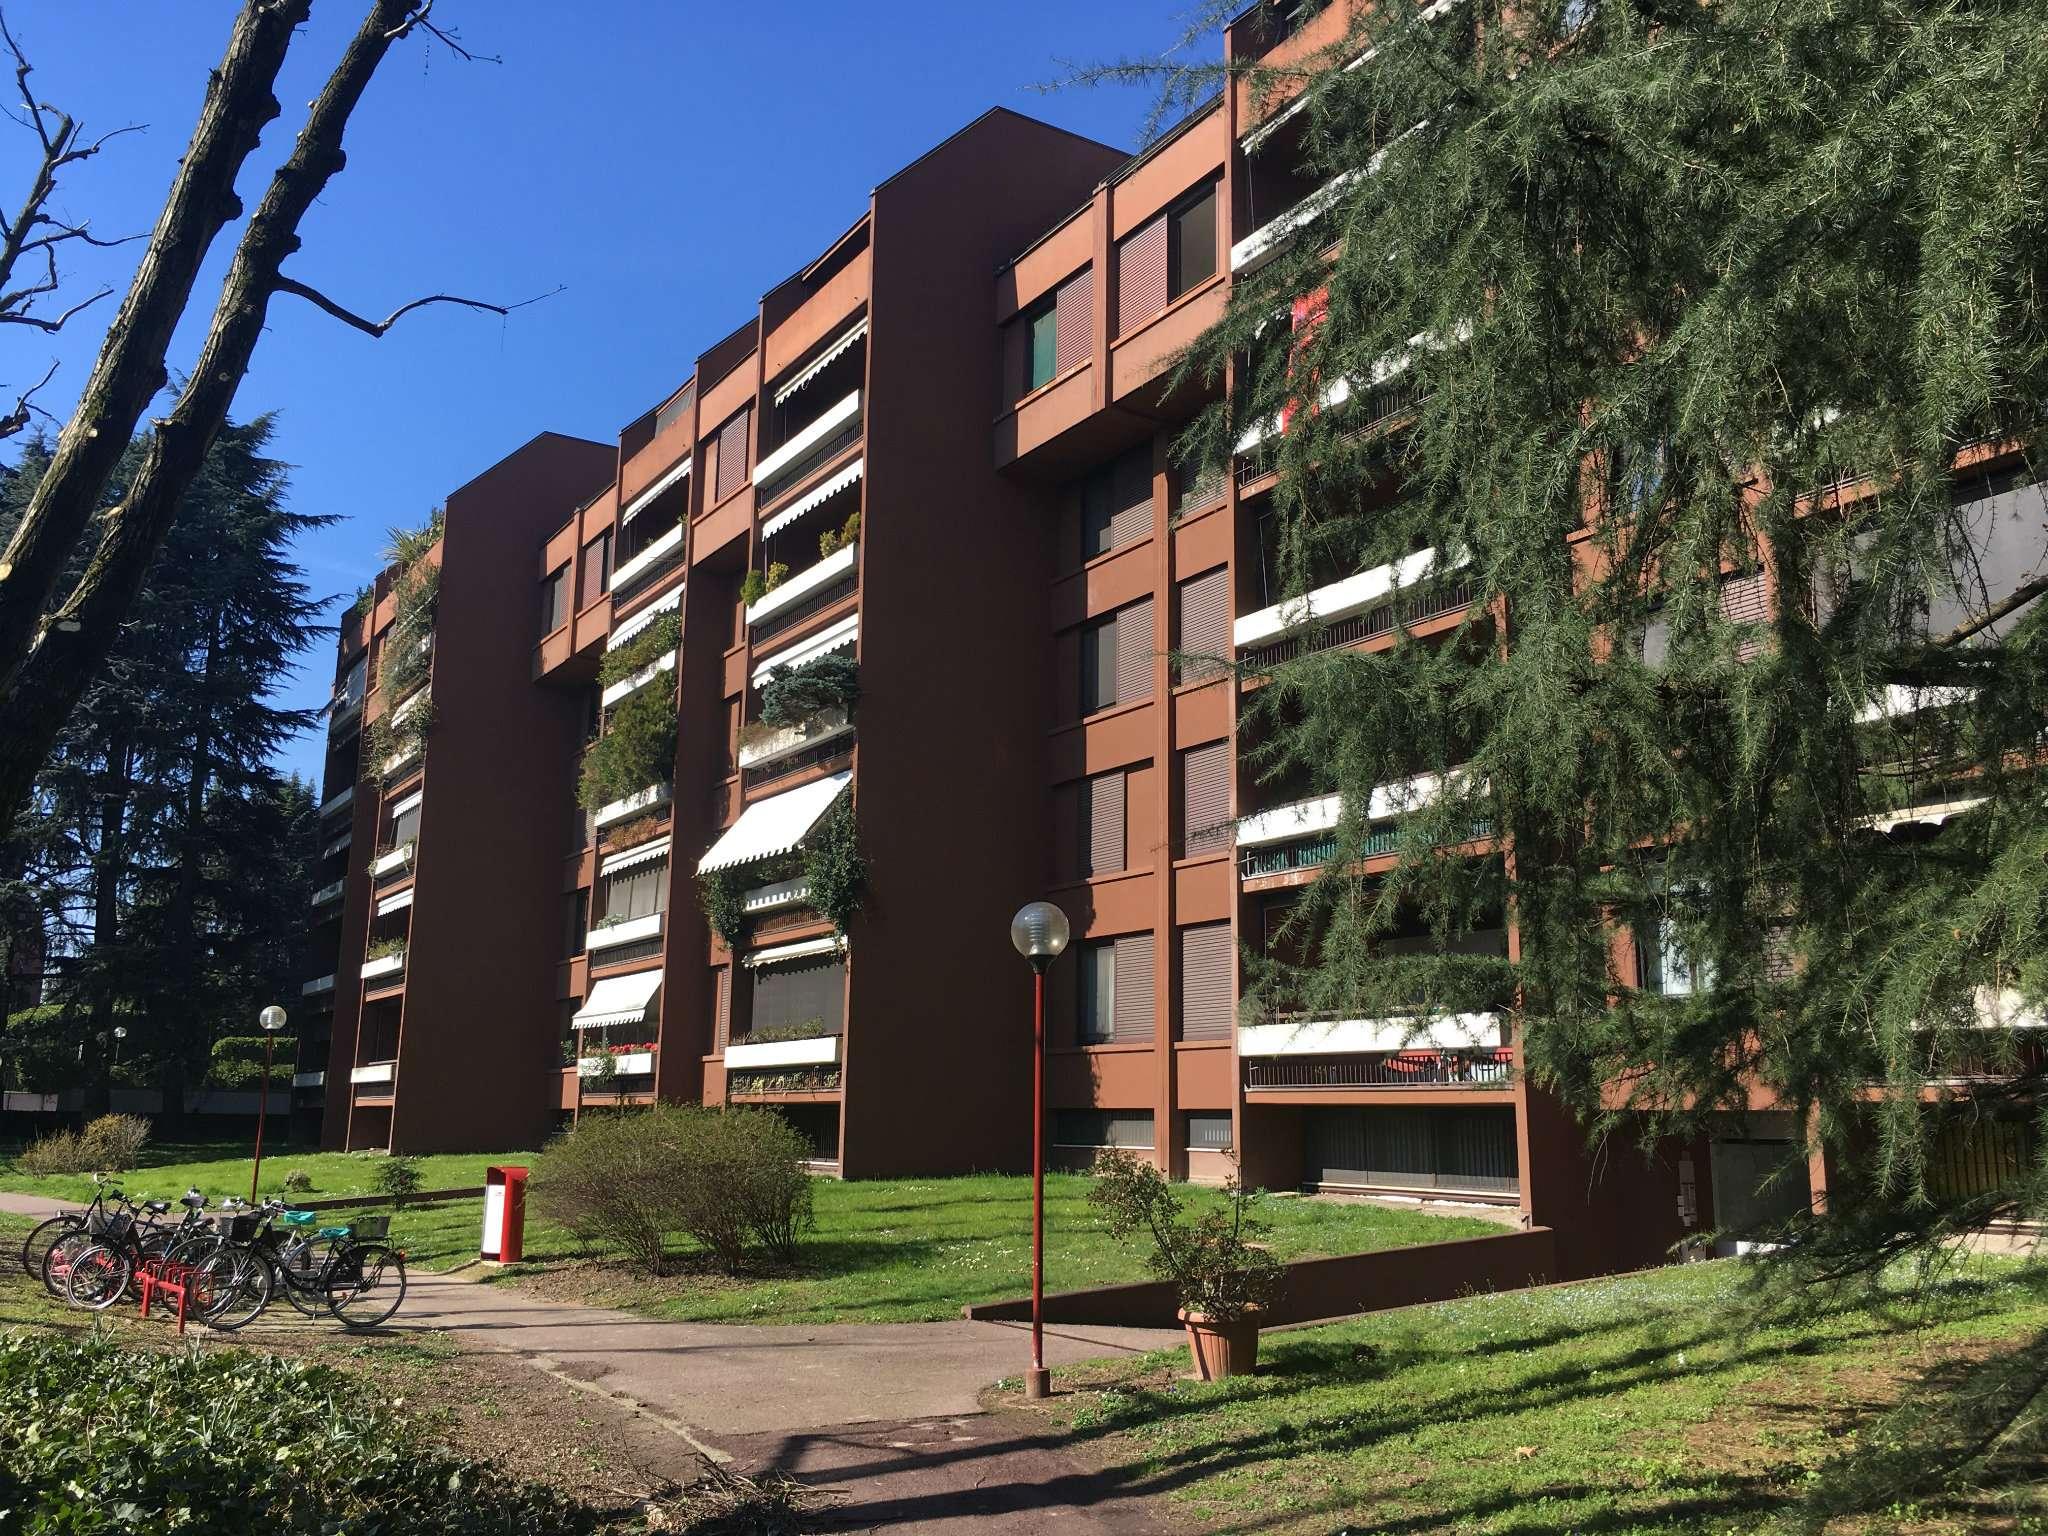 Attico / Mansarda in vendita a Basiglio, 3 locali, prezzo € 348.400 | Cambio Casa.it